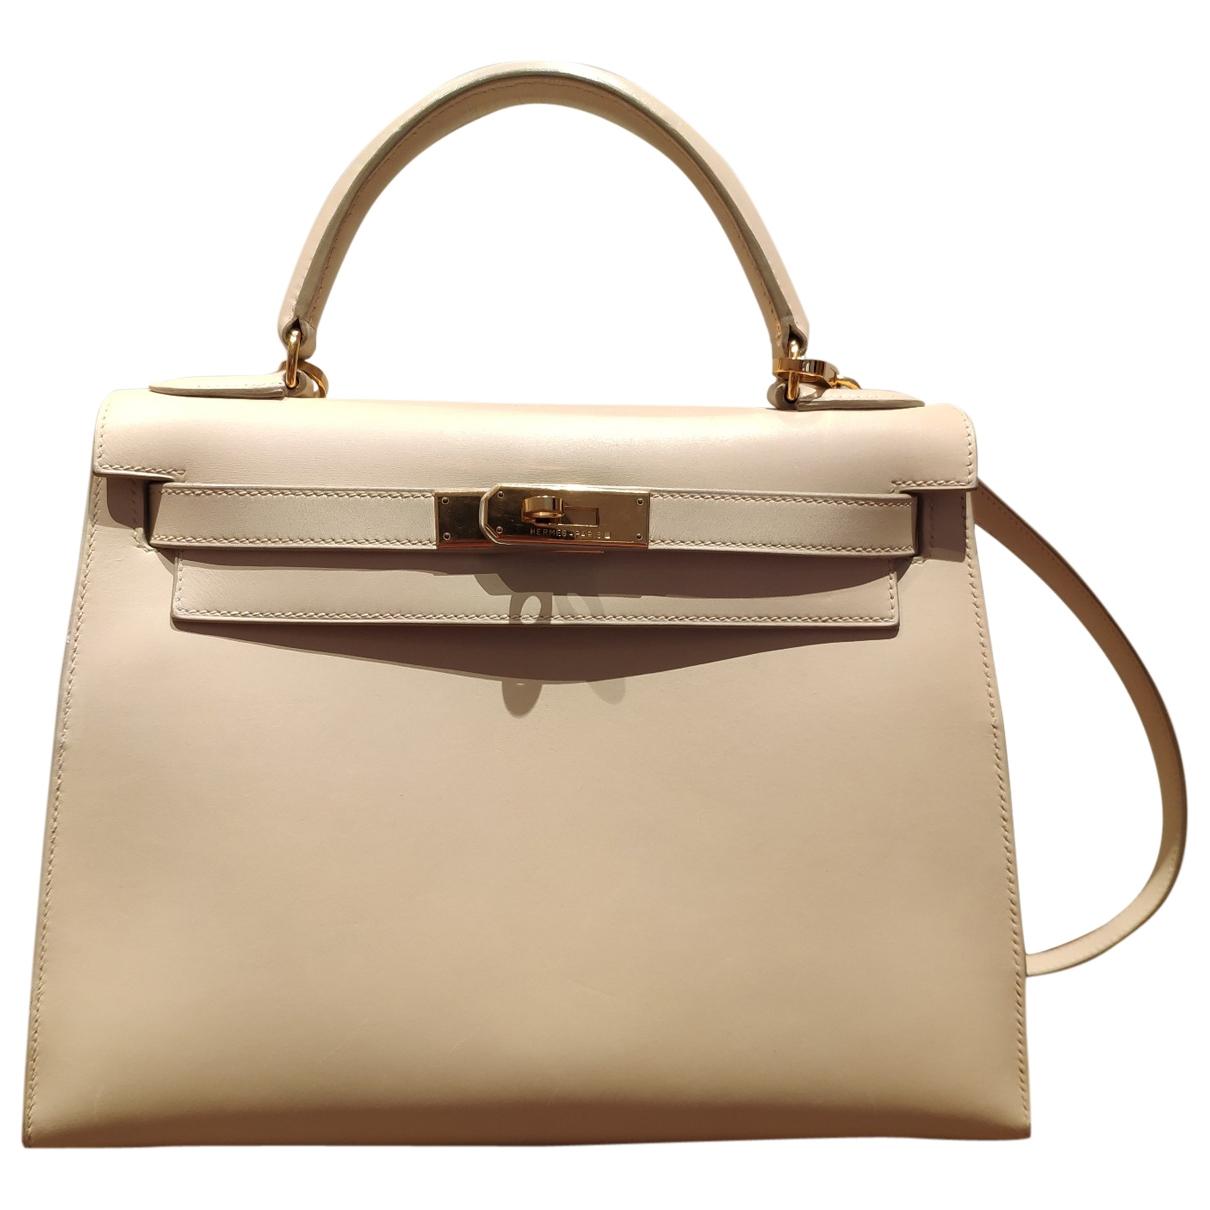 Hermes Kelly 28 Handtasche in  Beige Leder